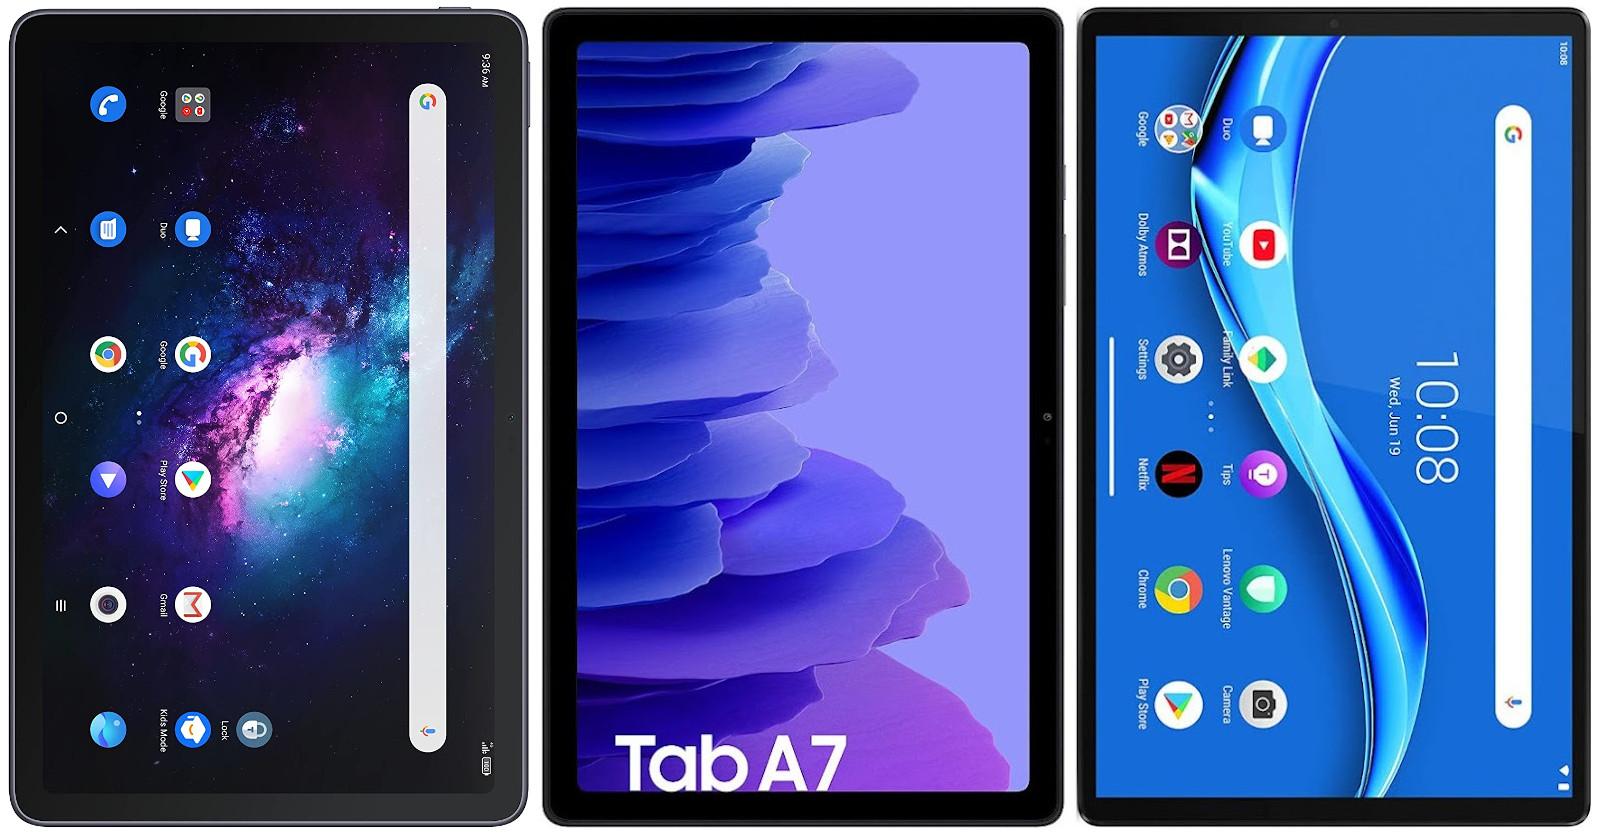 TCL 10 TabMax vs Samsung Galaxy Tab A7 10.4 vs Lenovo Tab M10 FHD Plus